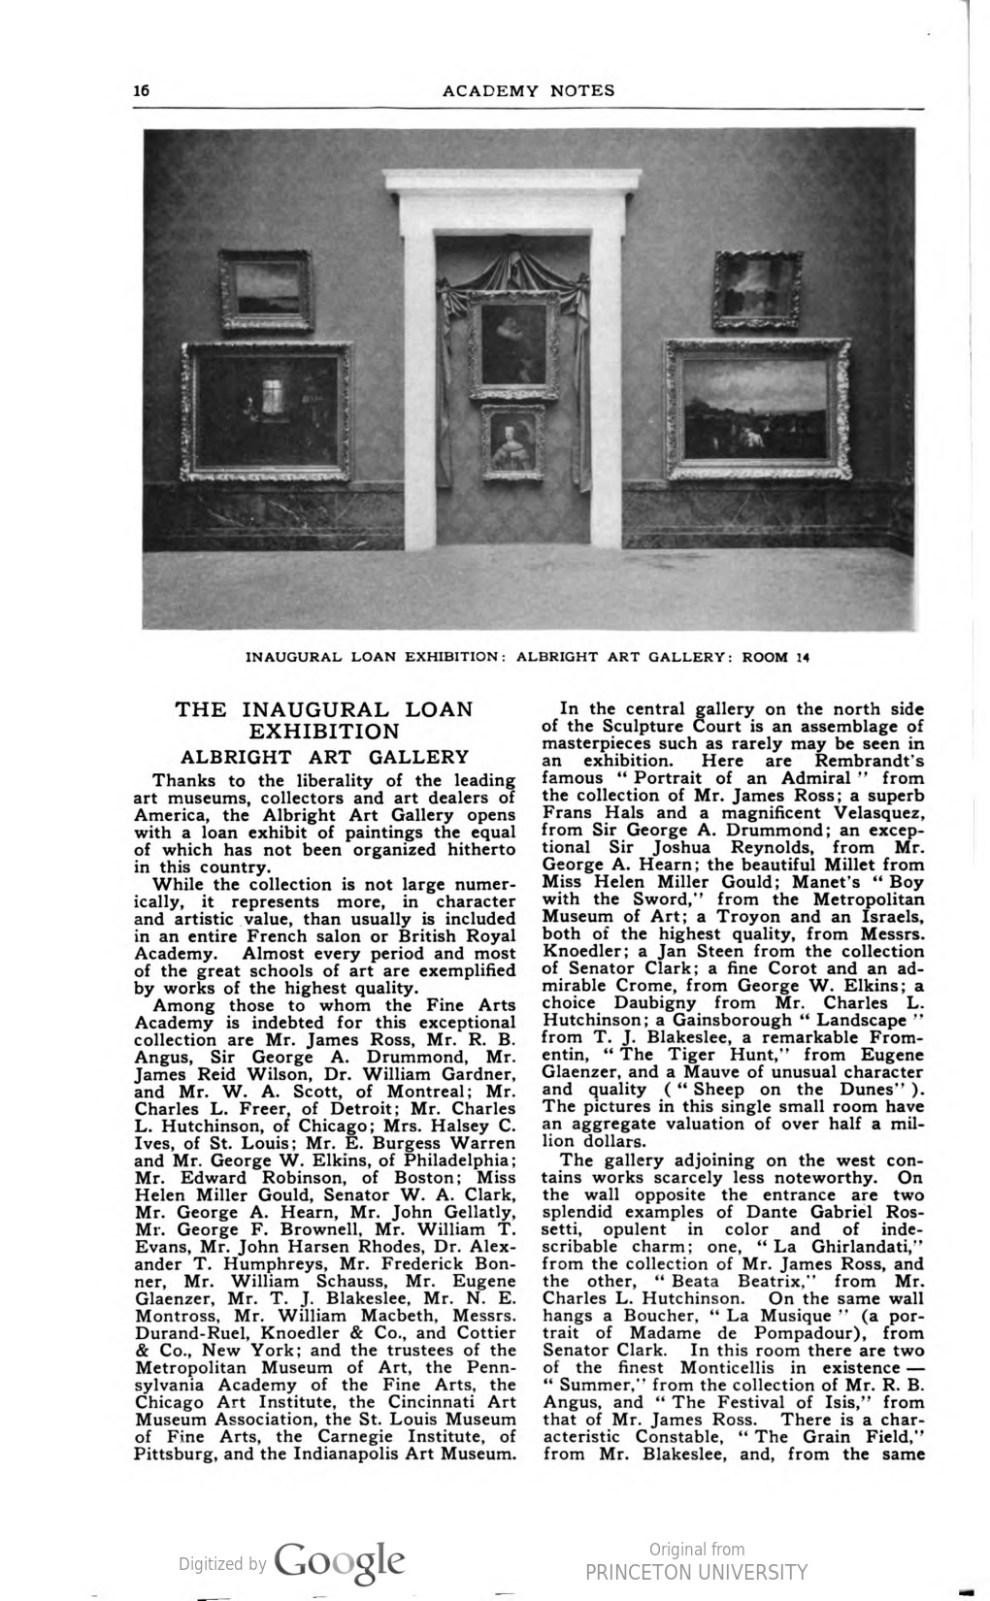 """Academy Notes, Buffalo Fine Arts Academy, Albright Art Gallery, Buffalo, NY, """"The Inaugural Loan Exhibition Albright Art Gallery"""", June 1905, Volume 1, Number 1, page 16-18, not illustrated"""